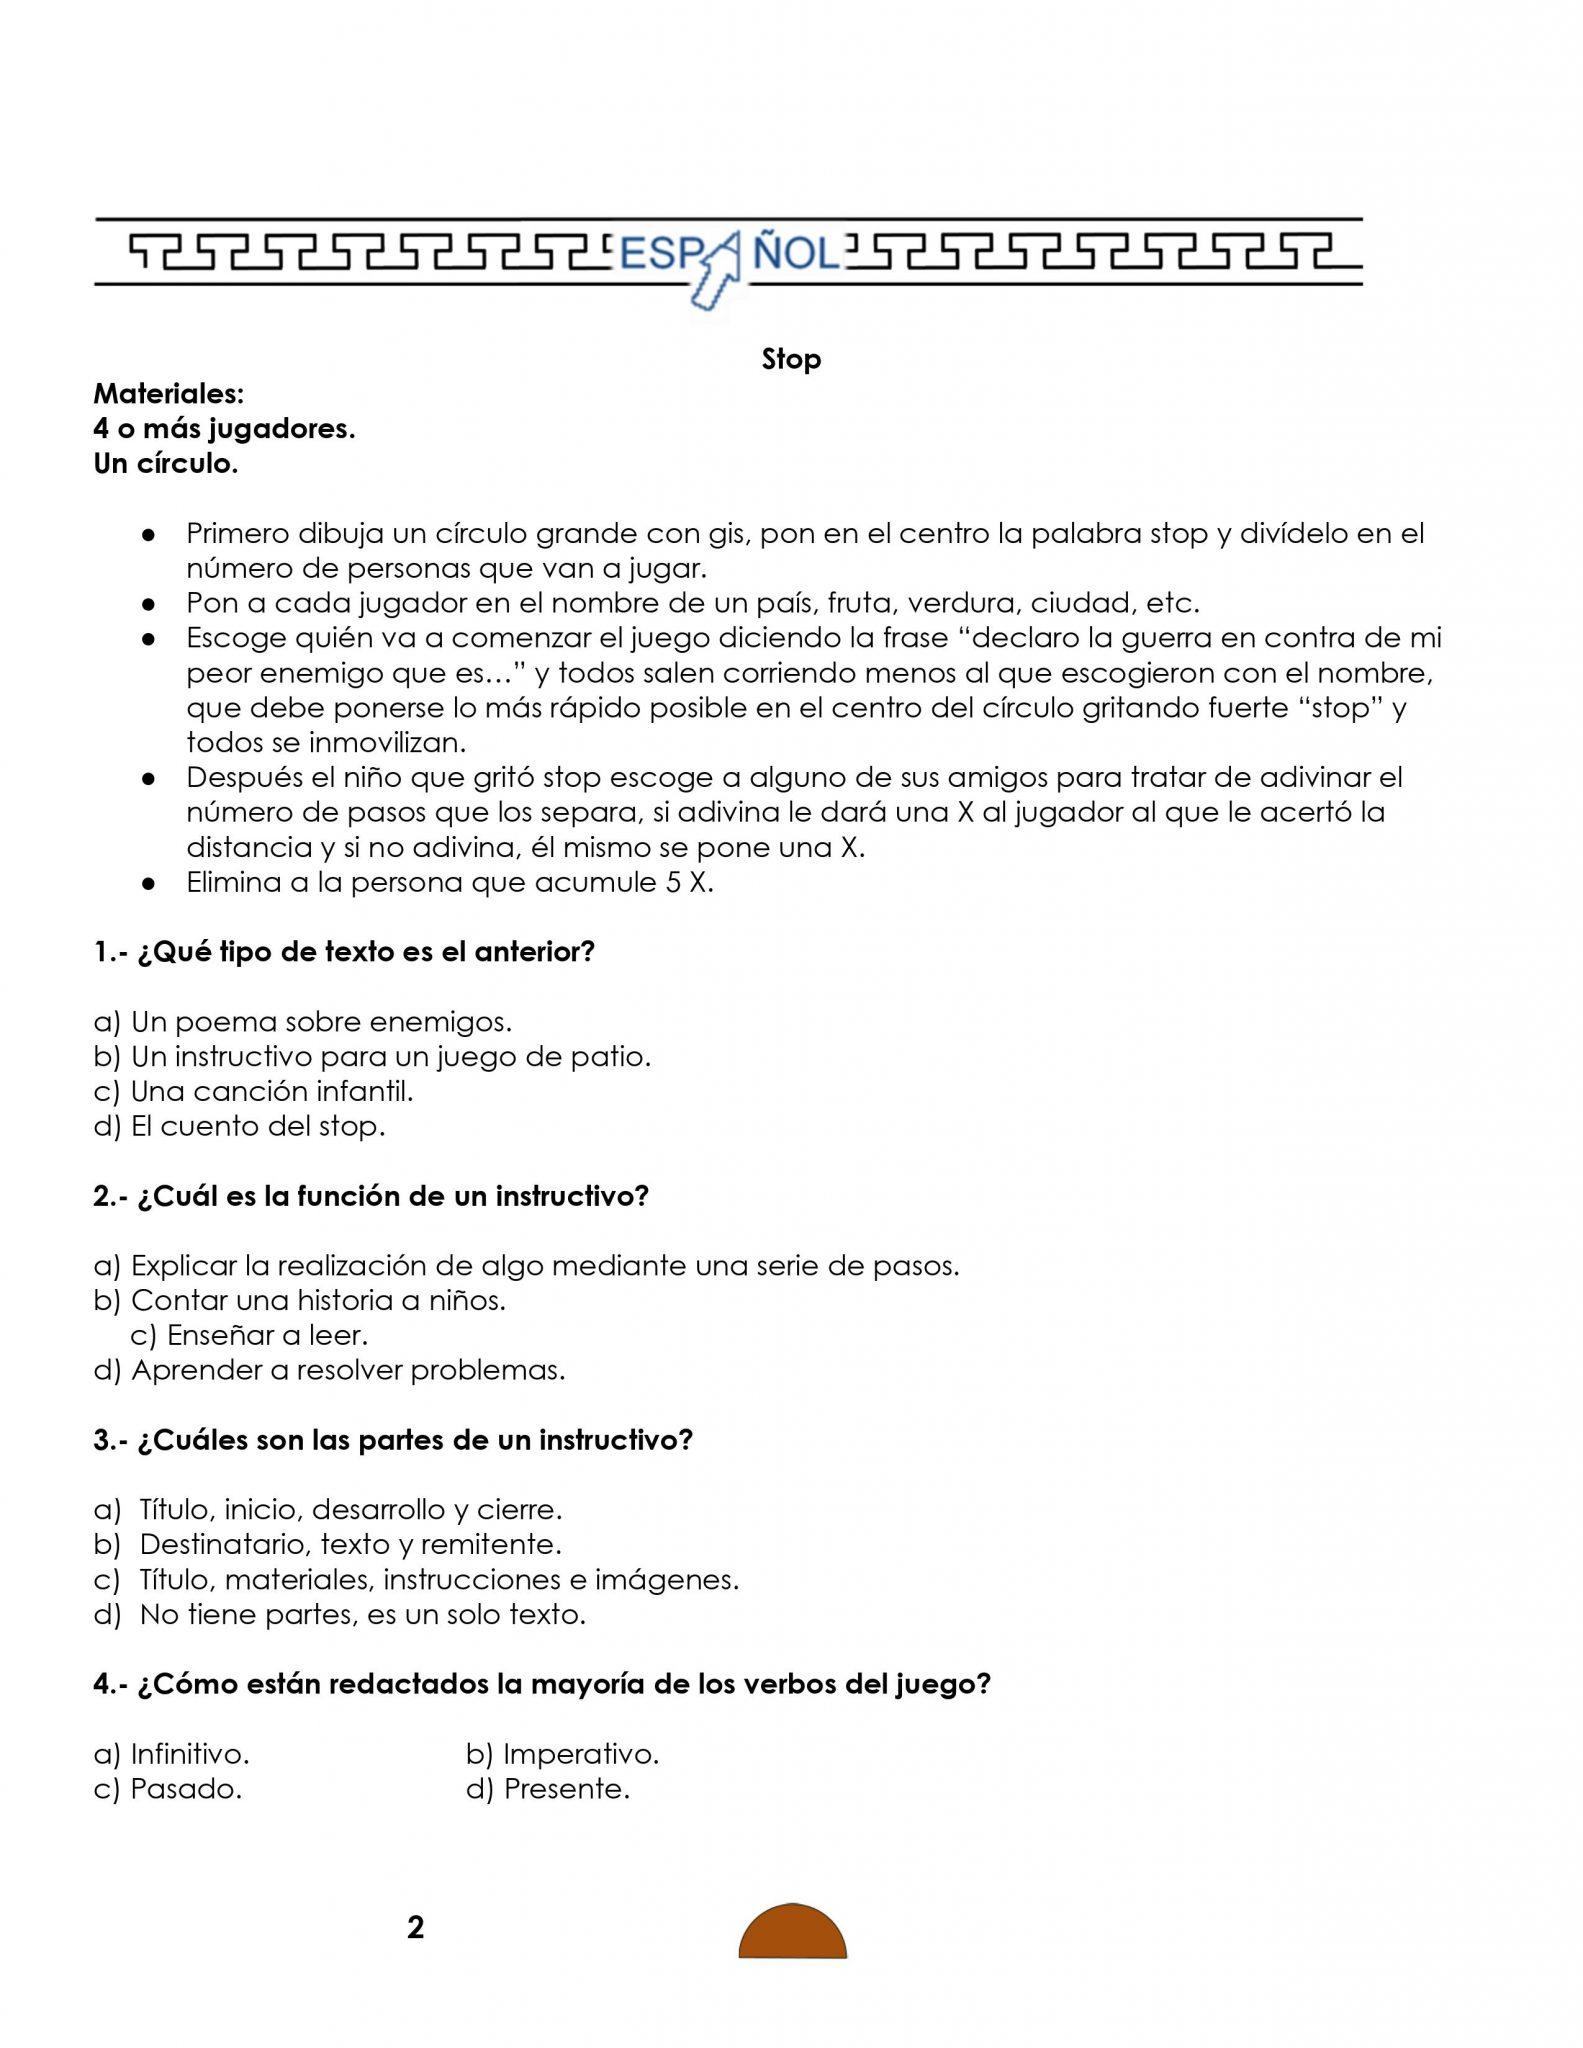 Ejemplo examenes 6to grado 01